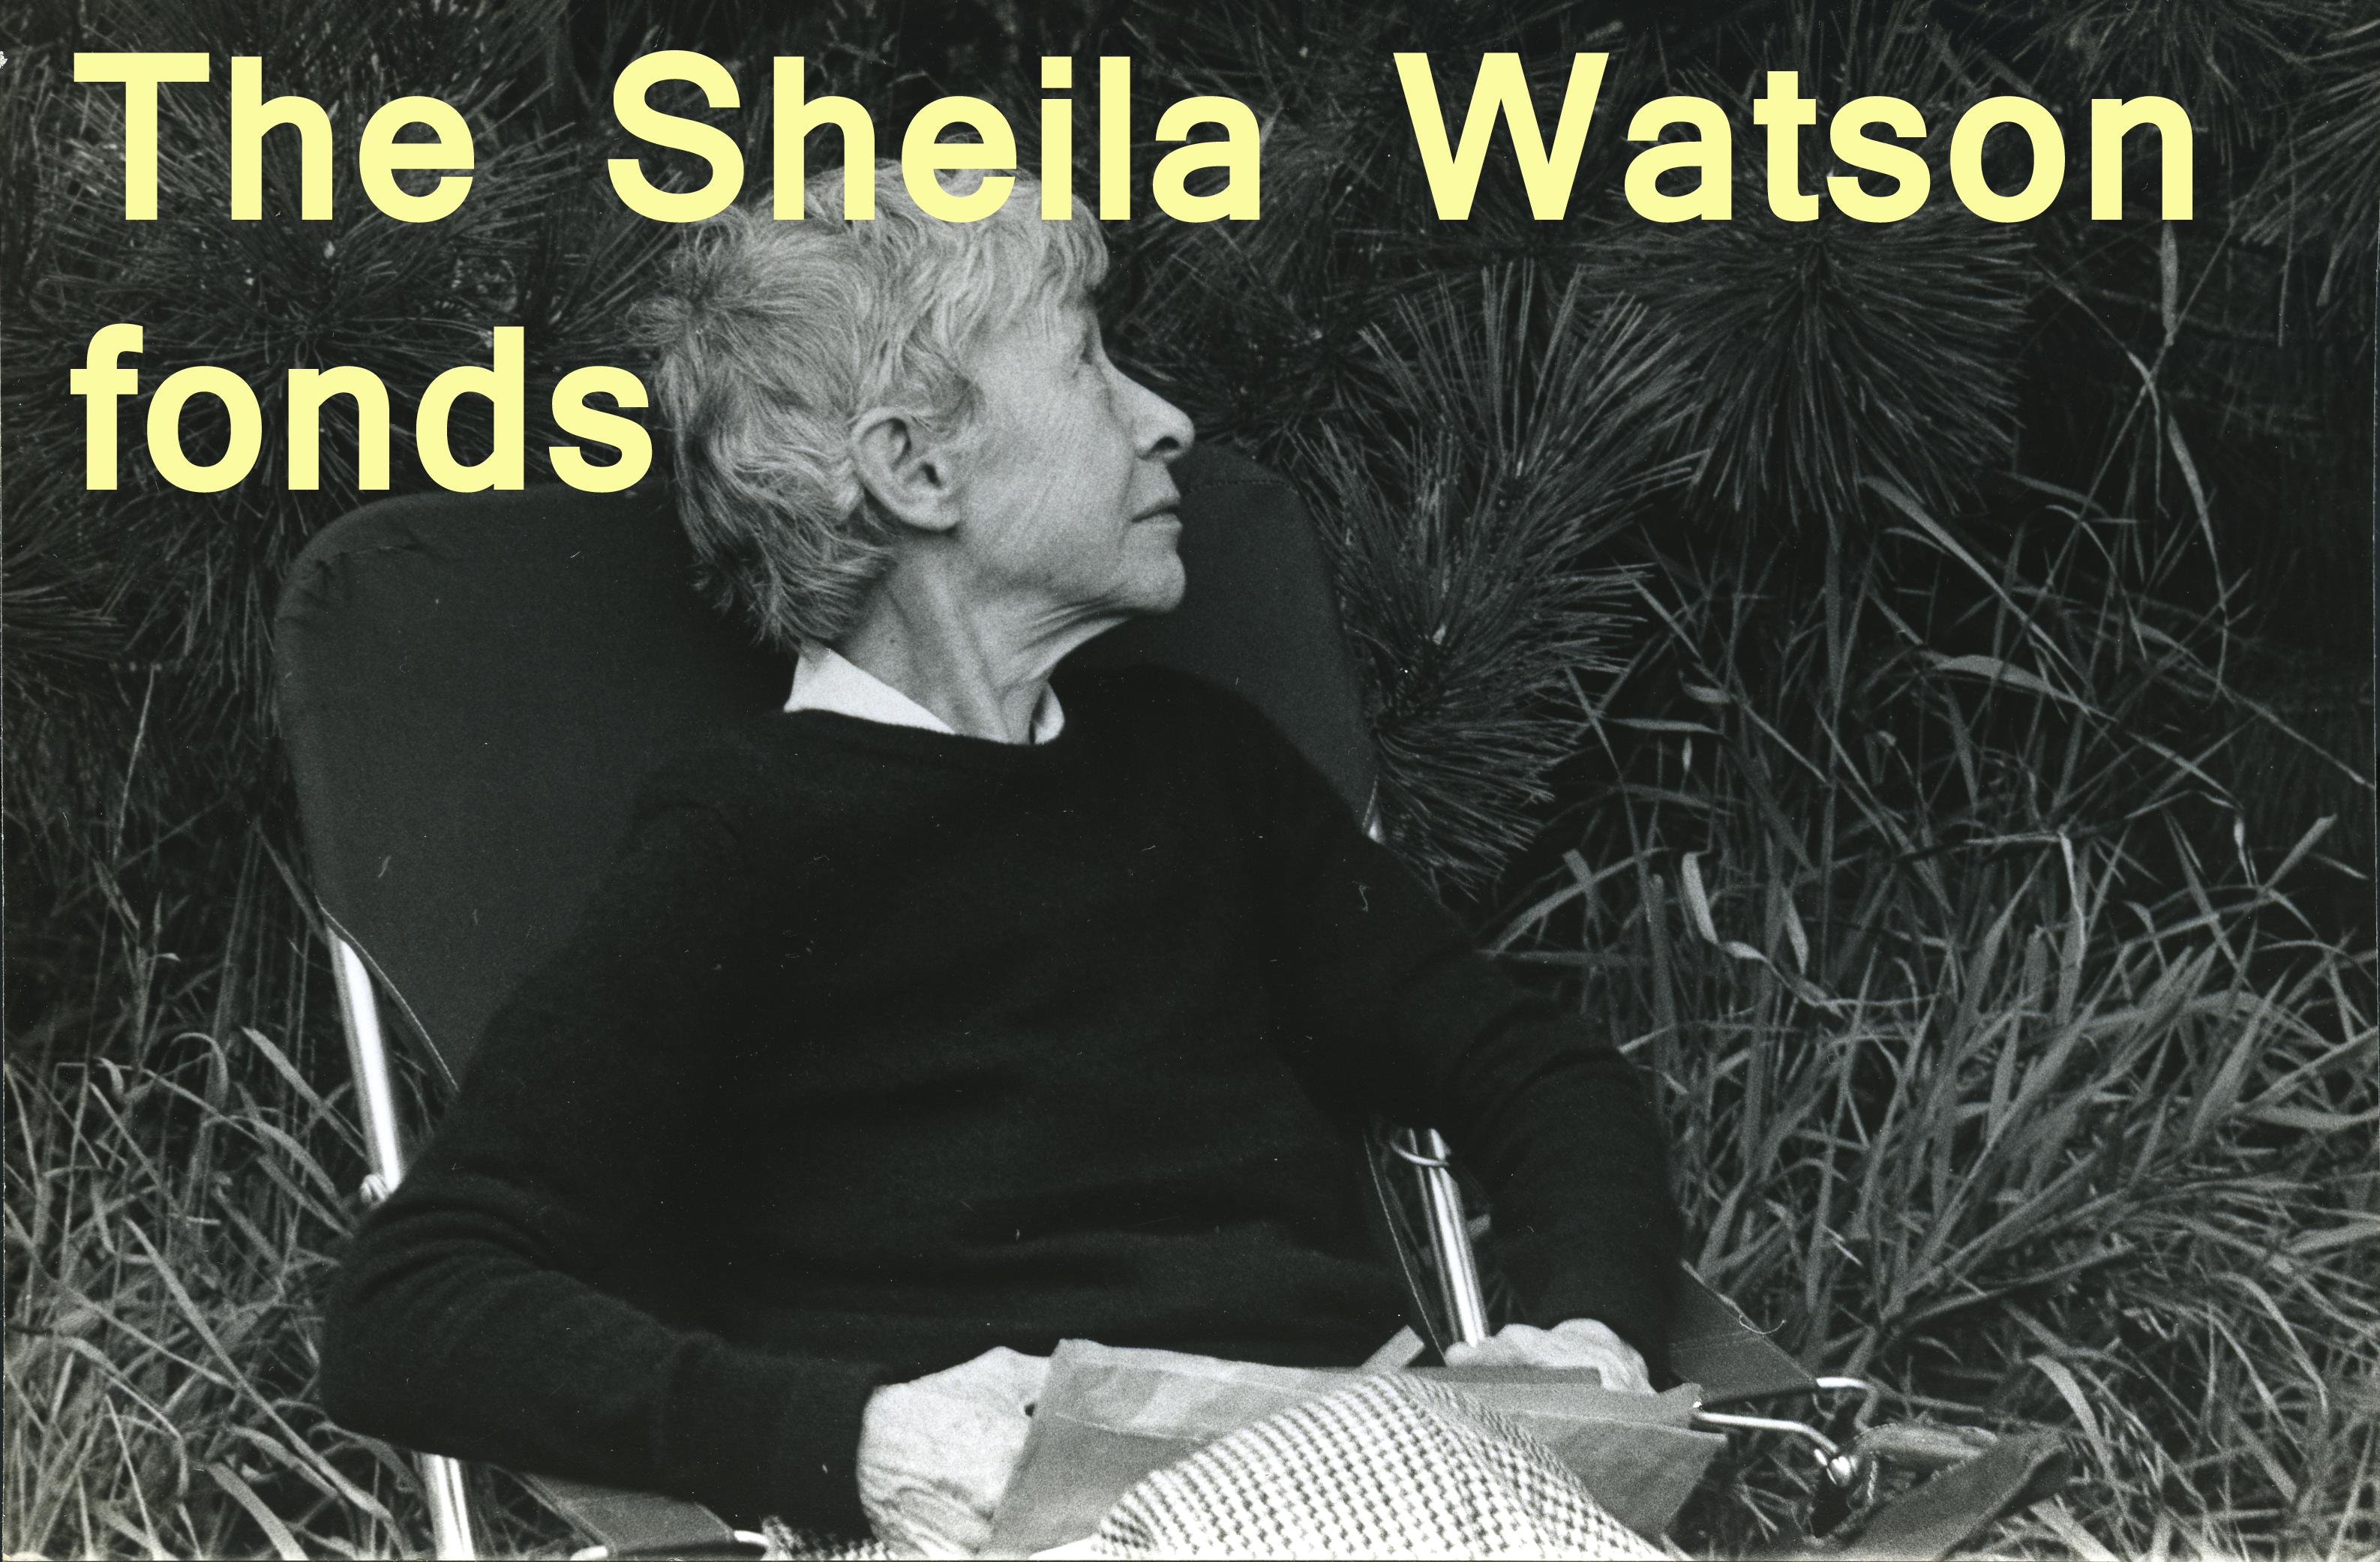 Sheila Watson fonds